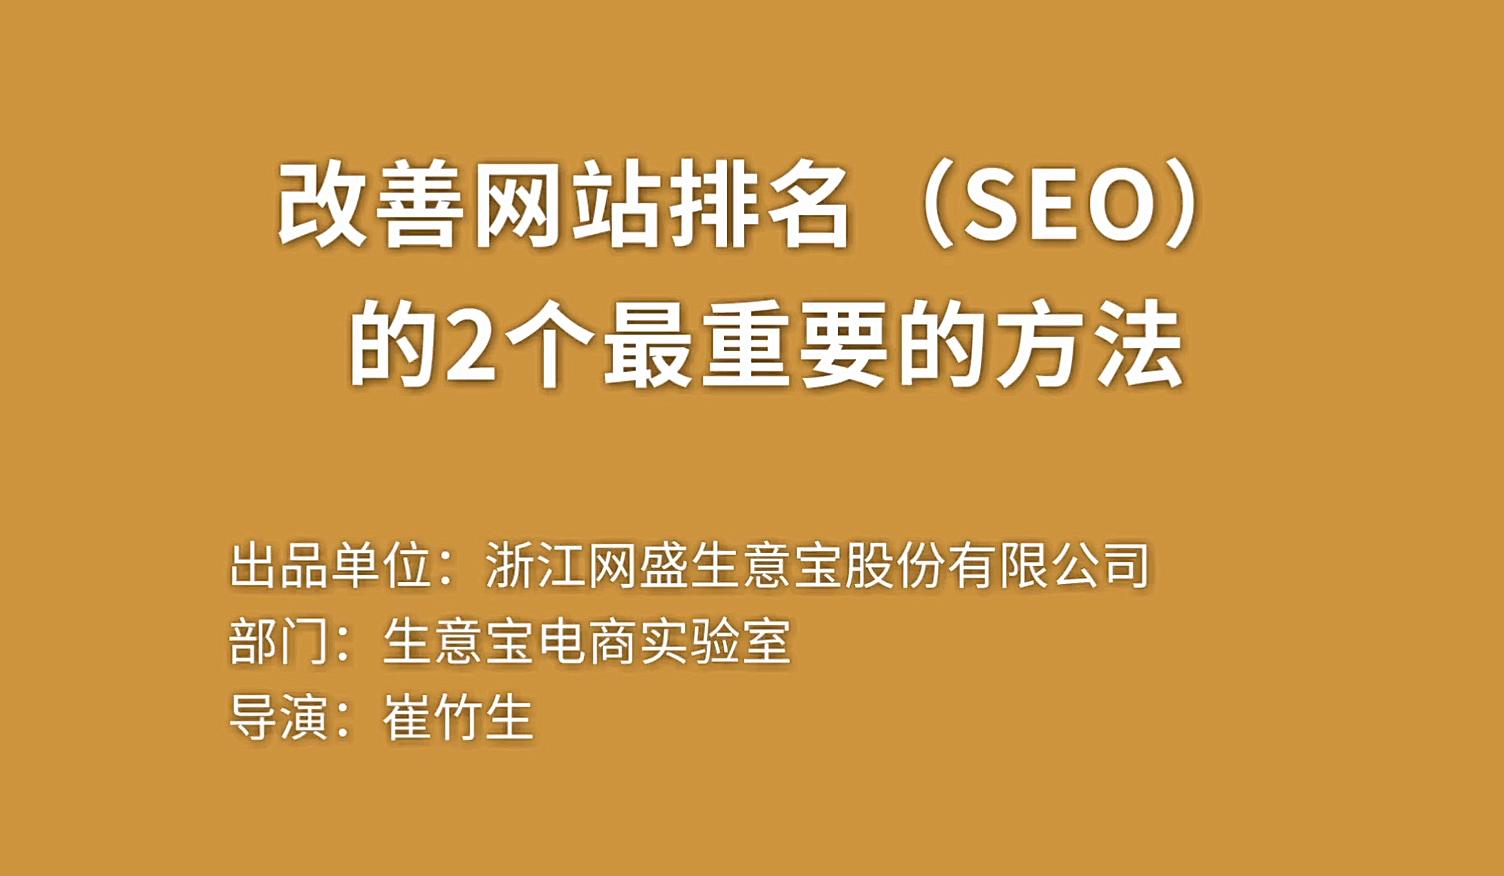 SEO(网站优化推广)-关键词排名-改善网站排名的2个最重要的方法